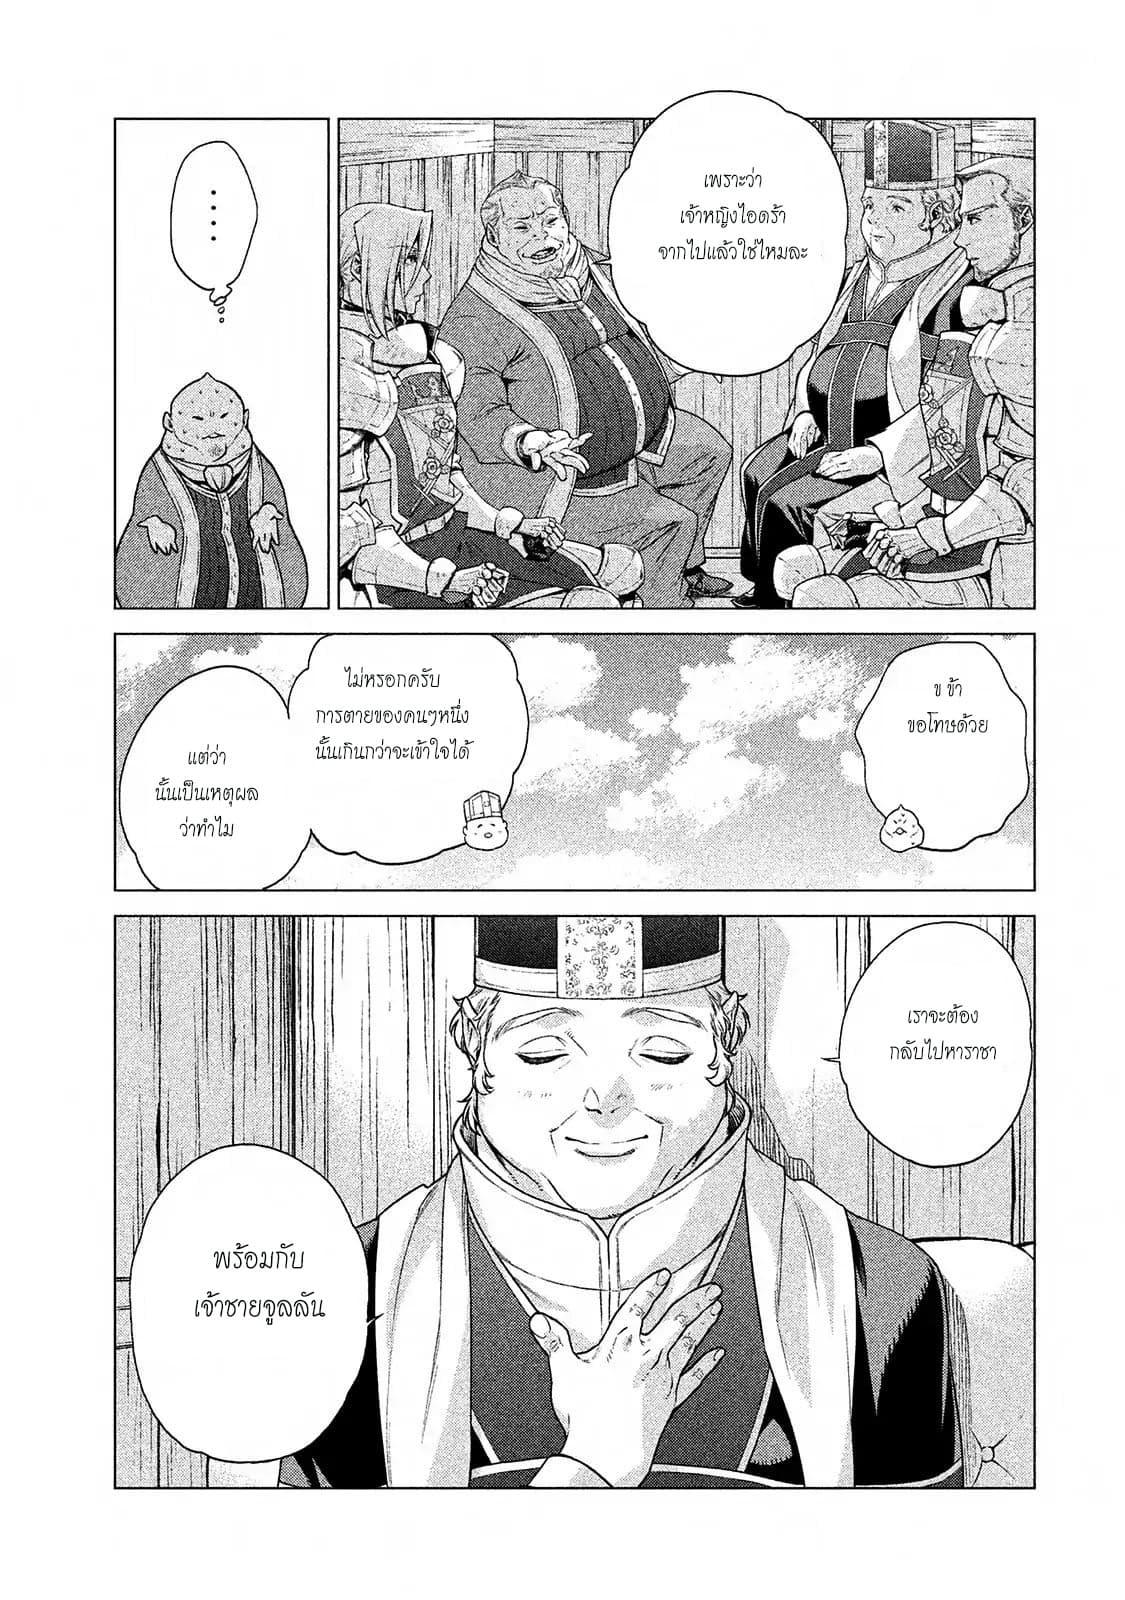 อ่านการ์ตูน Henkyou no Roukishi - Bard Loen ตอนที่ 11 หน้าที่ 23